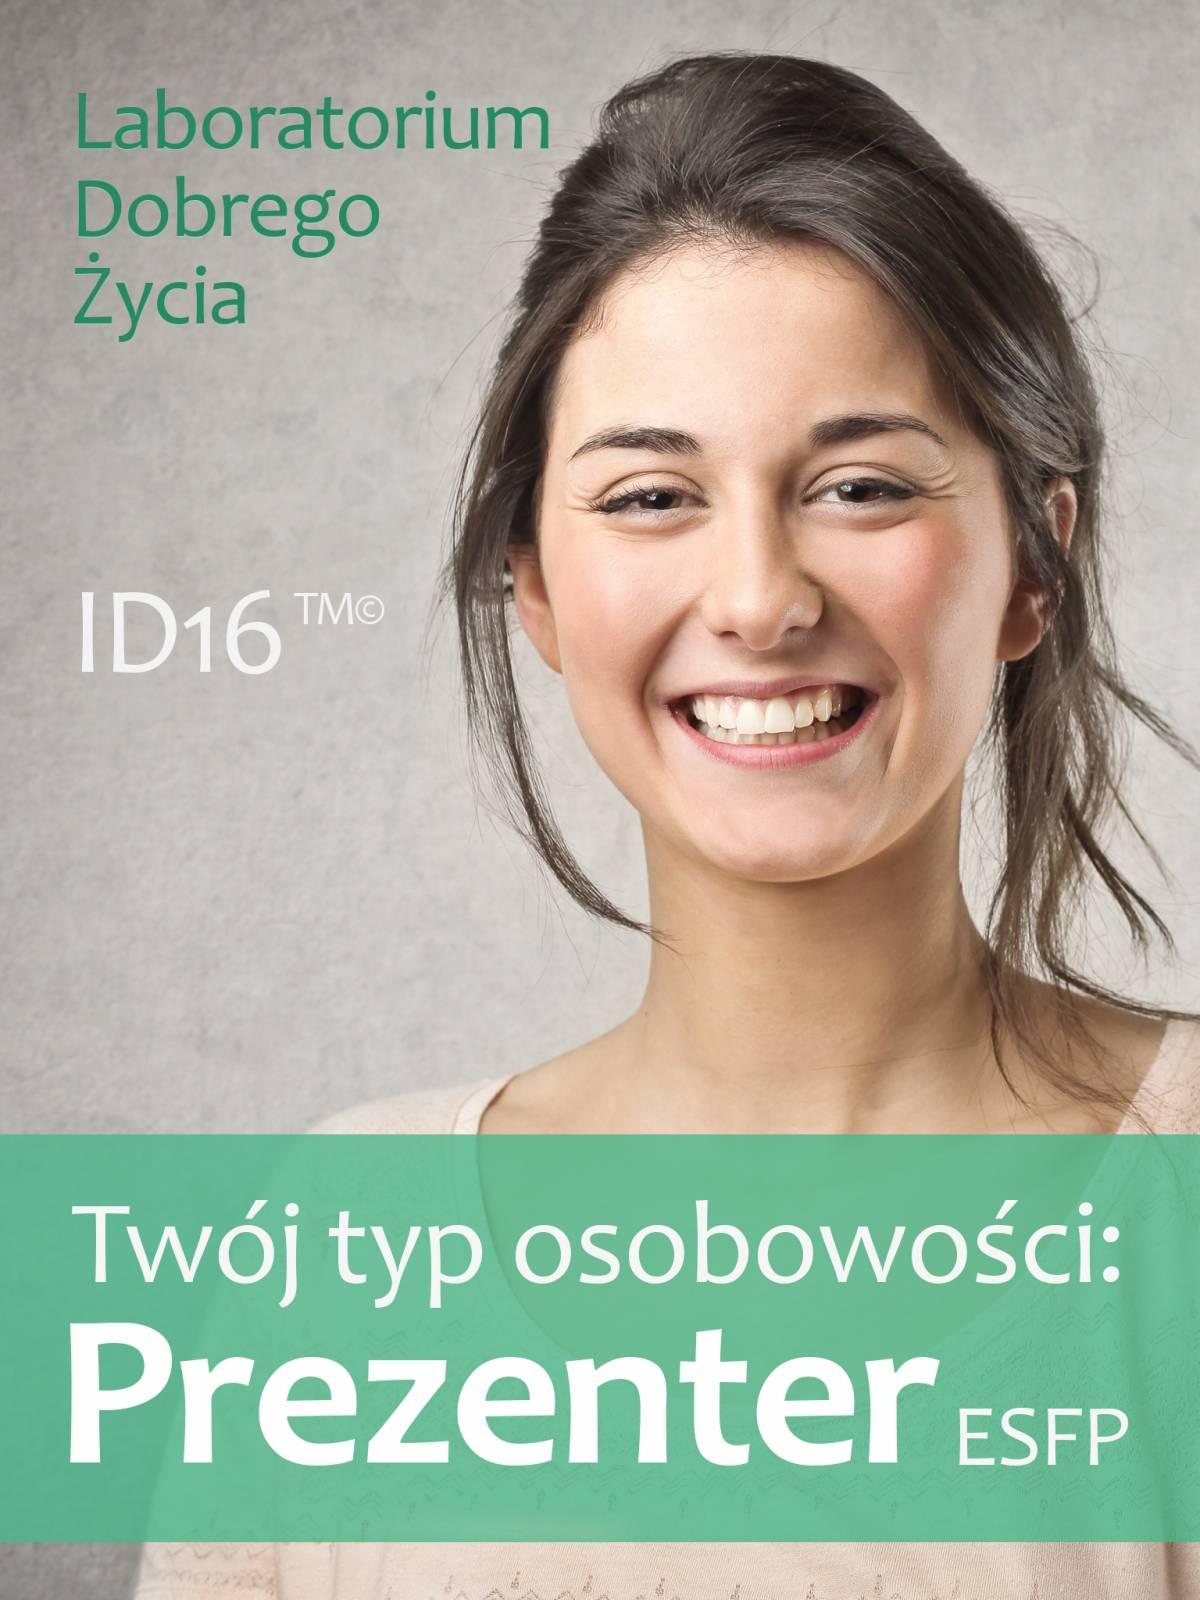 Twój typ osobowości: Prezenter (ESFP) - Ebook (Książka PDF) do pobrania w formacie PDF